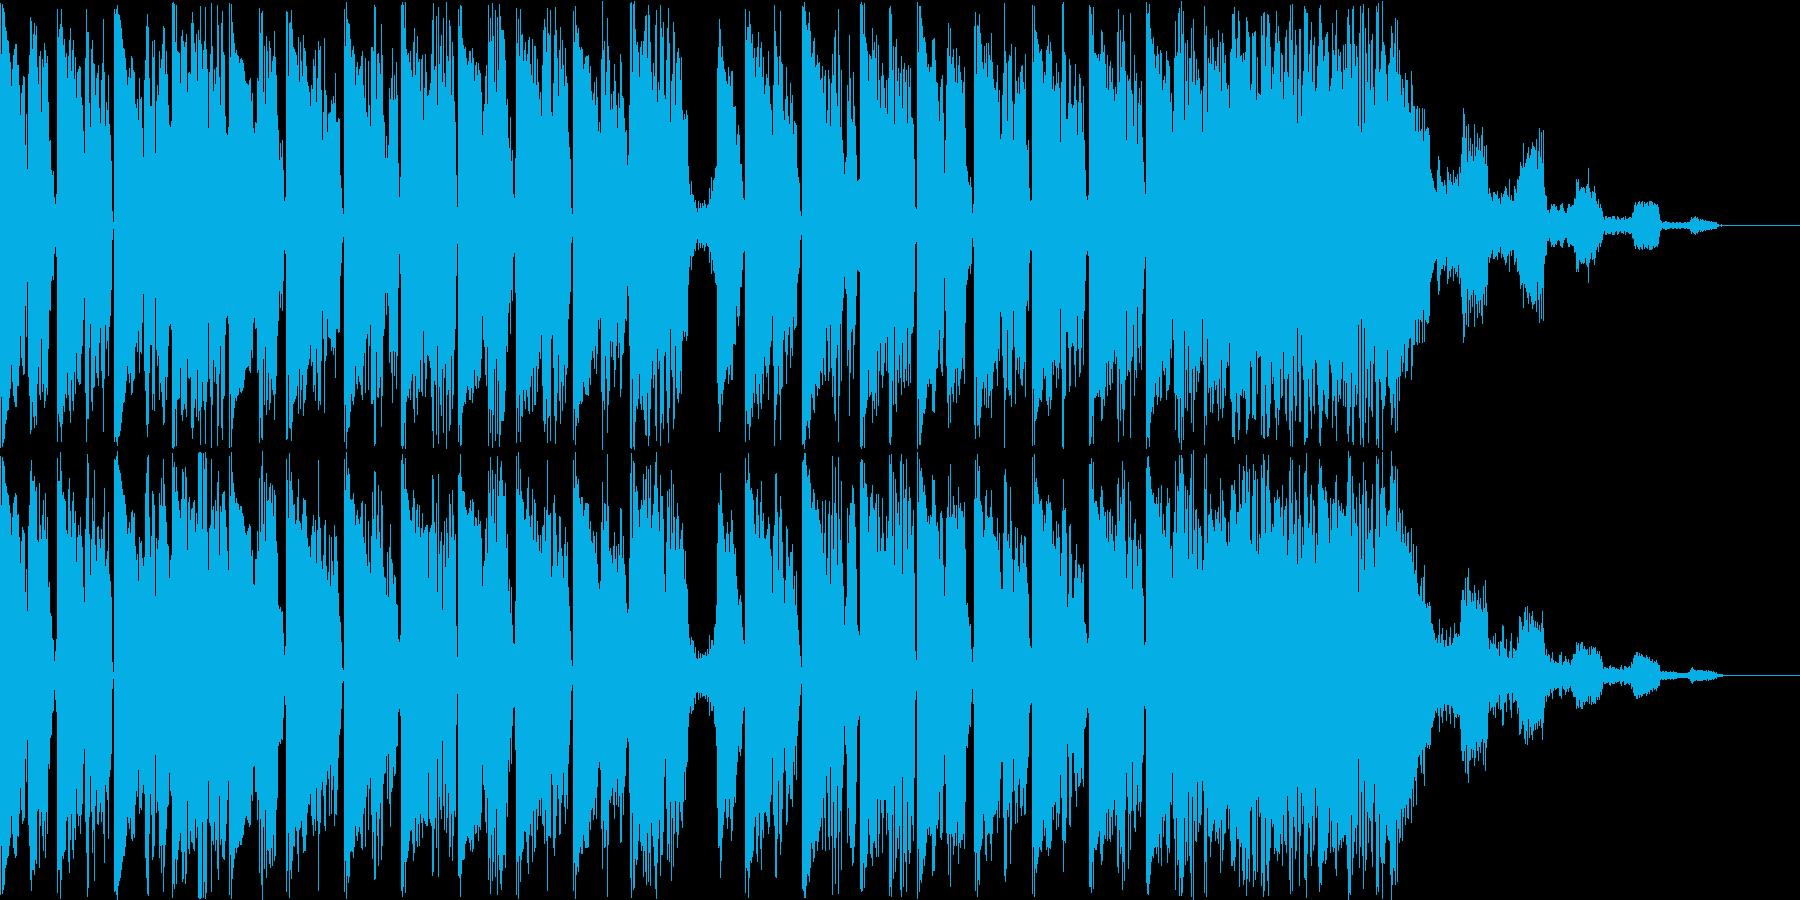 テクノポップのBGMの再生済みの波形